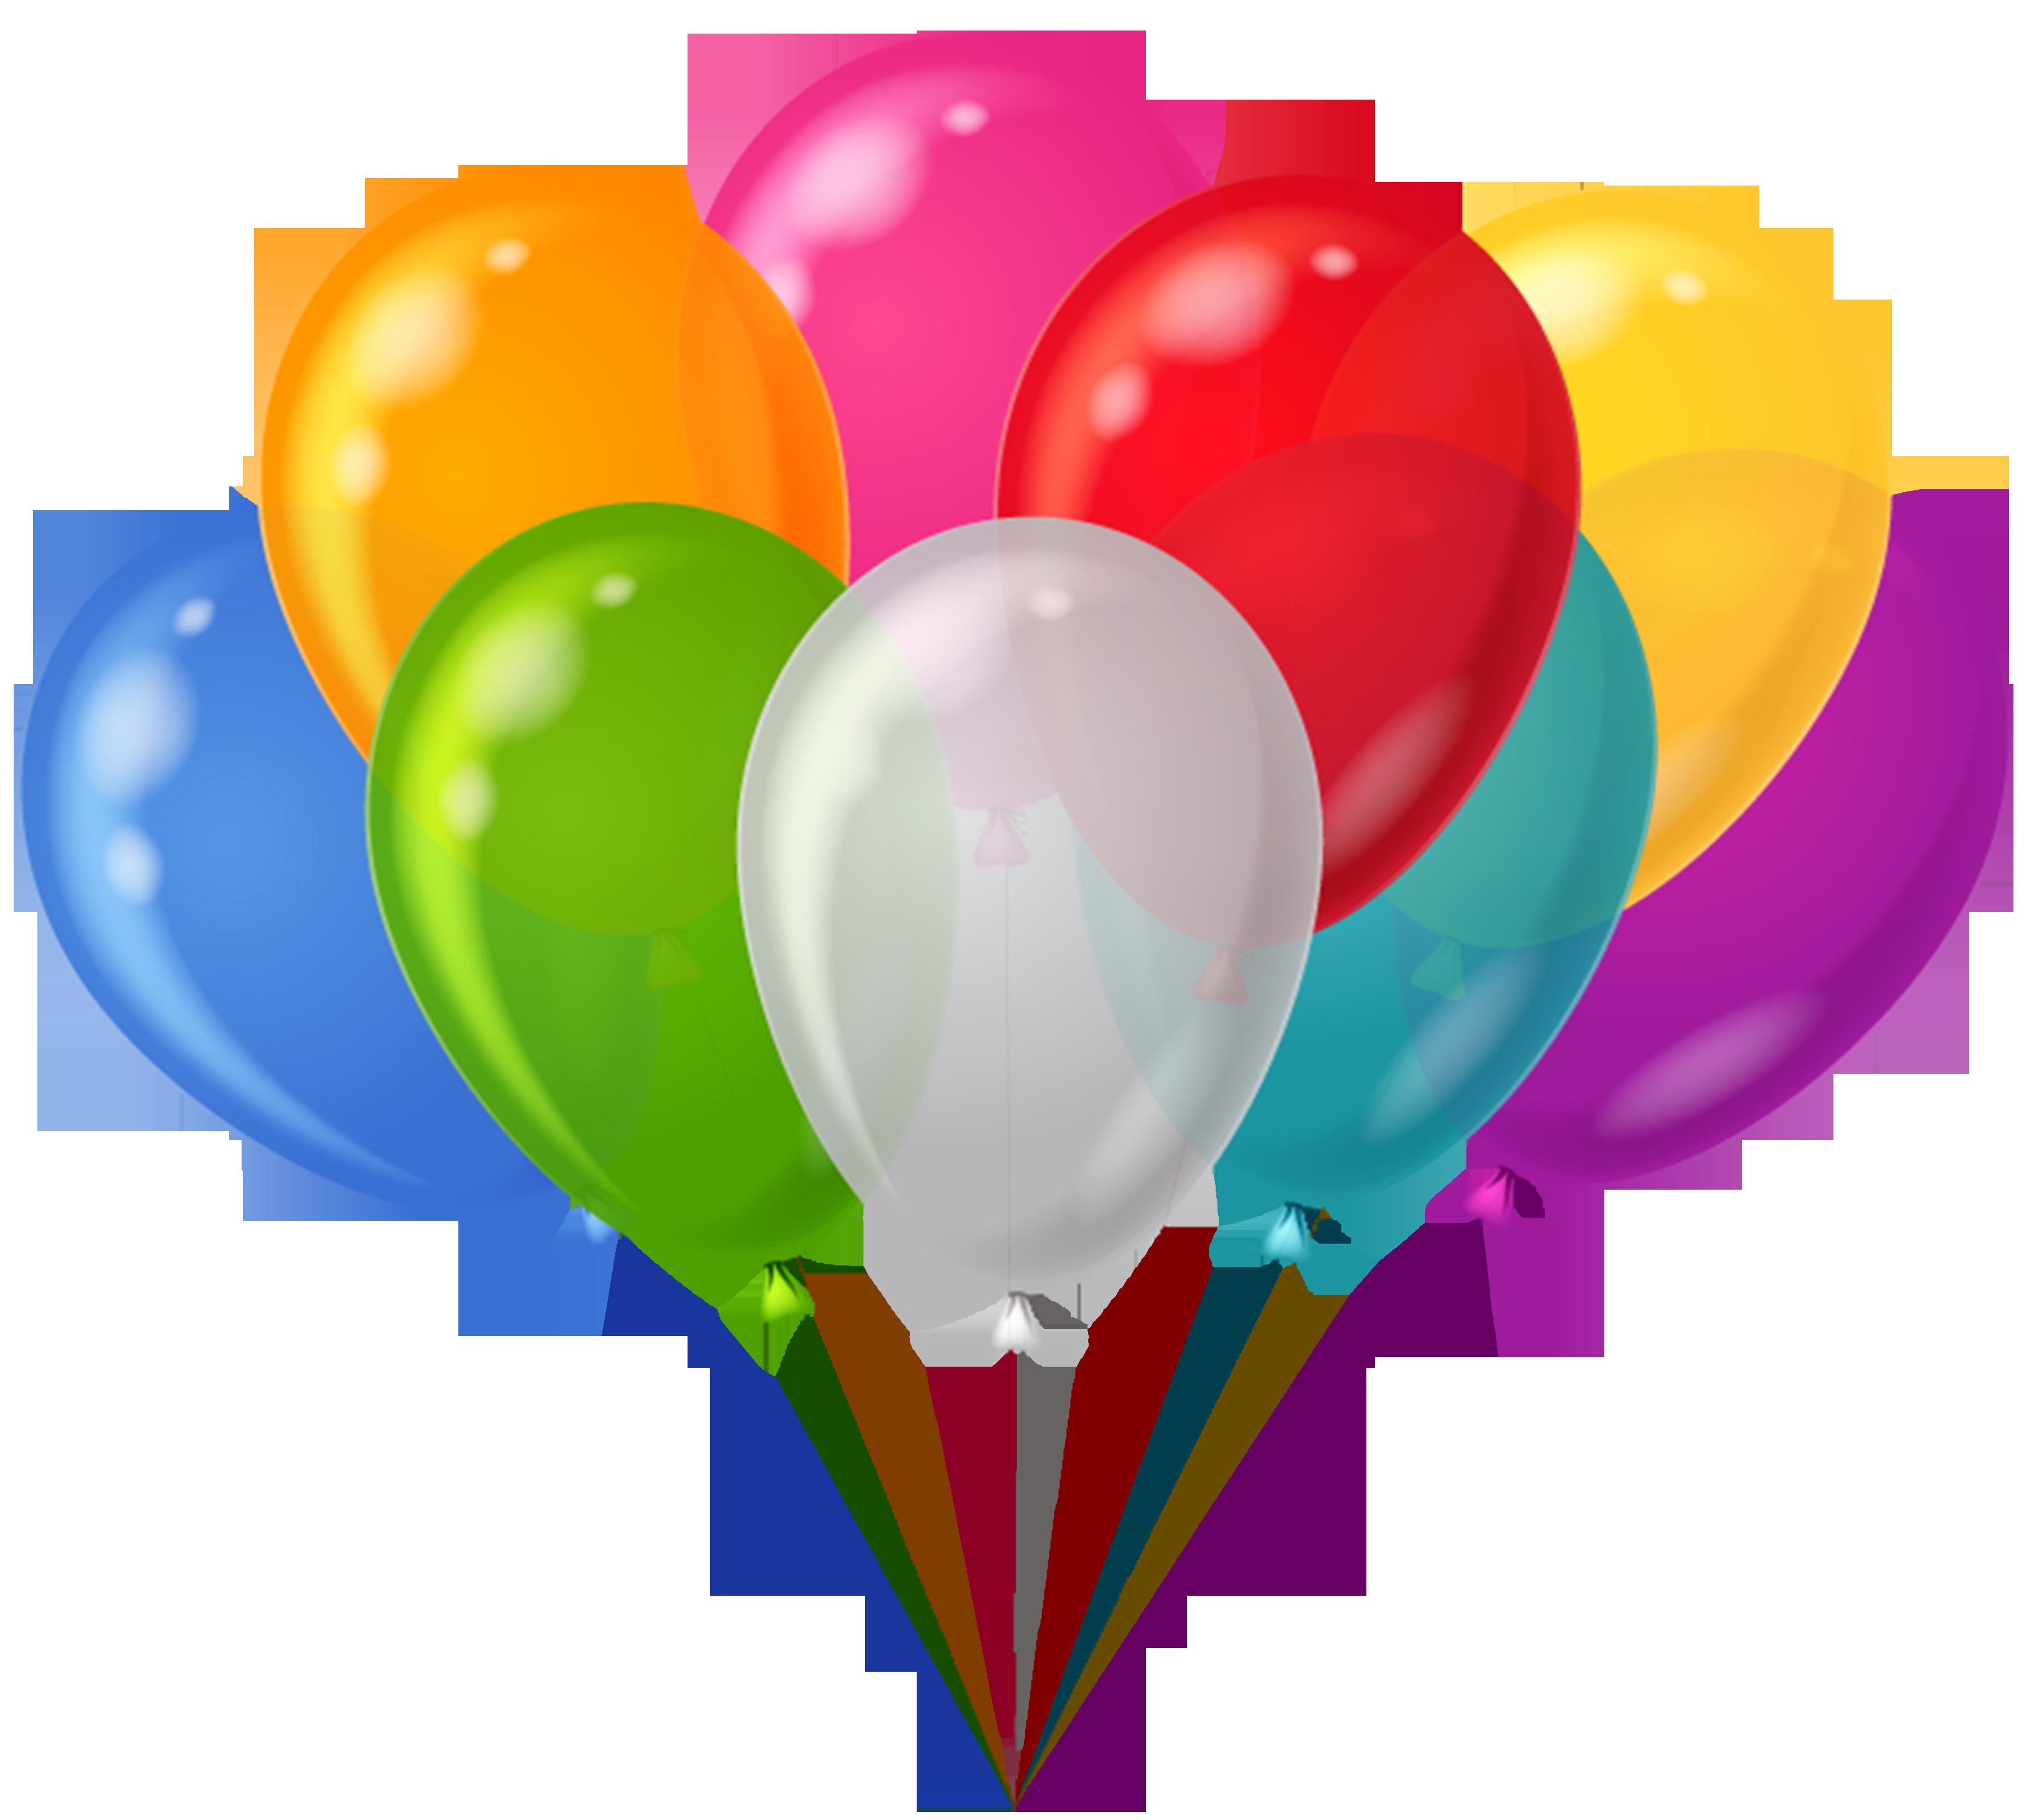 ballons-20clip-20art-dTrn54bT9